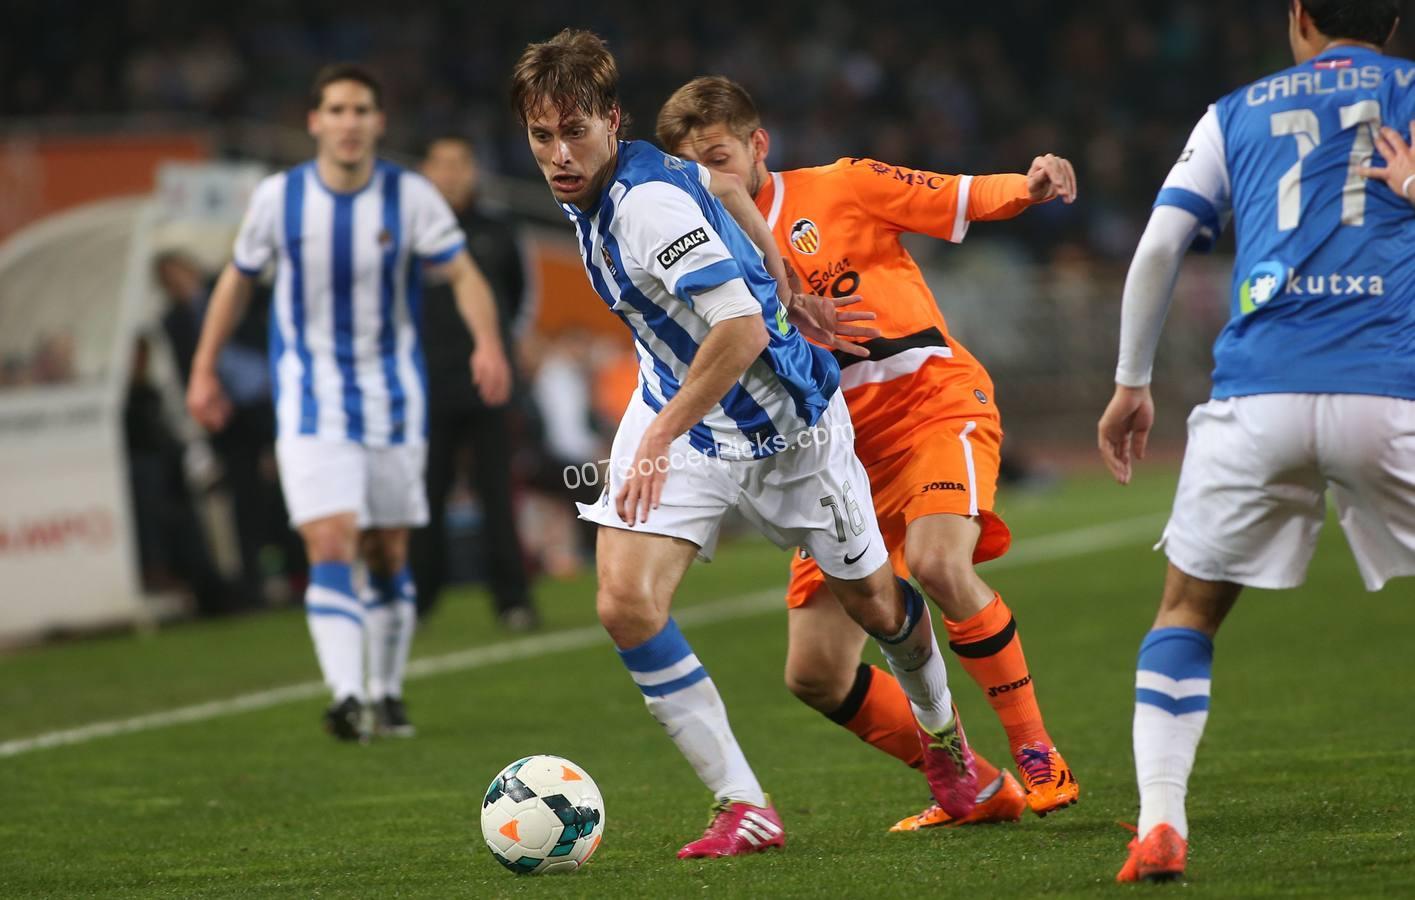 Real-Sociedad-Valencia-preview